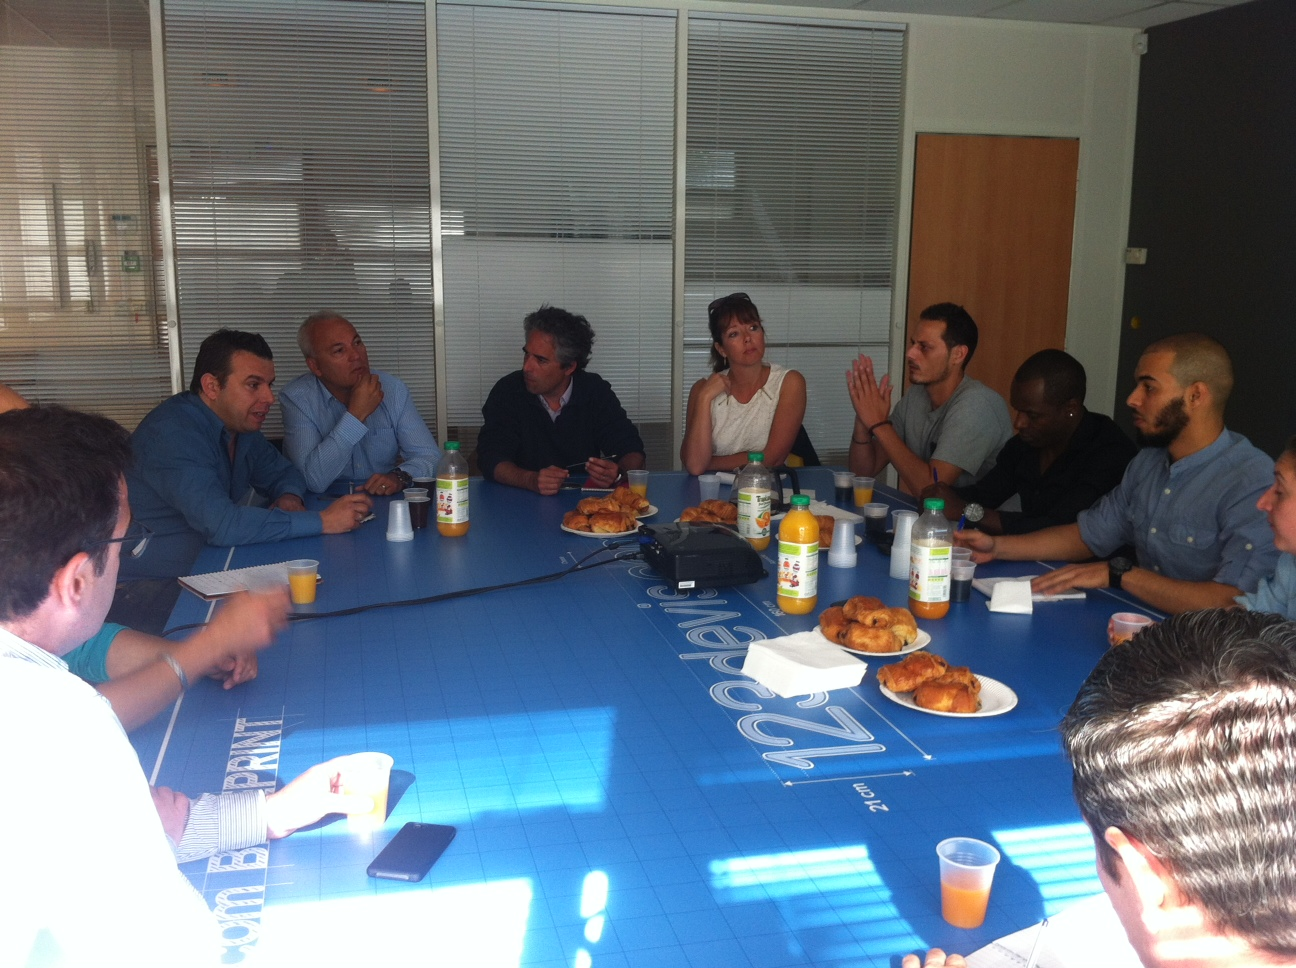 Rencontre / Petit déjeuner chez 123devis.com 1